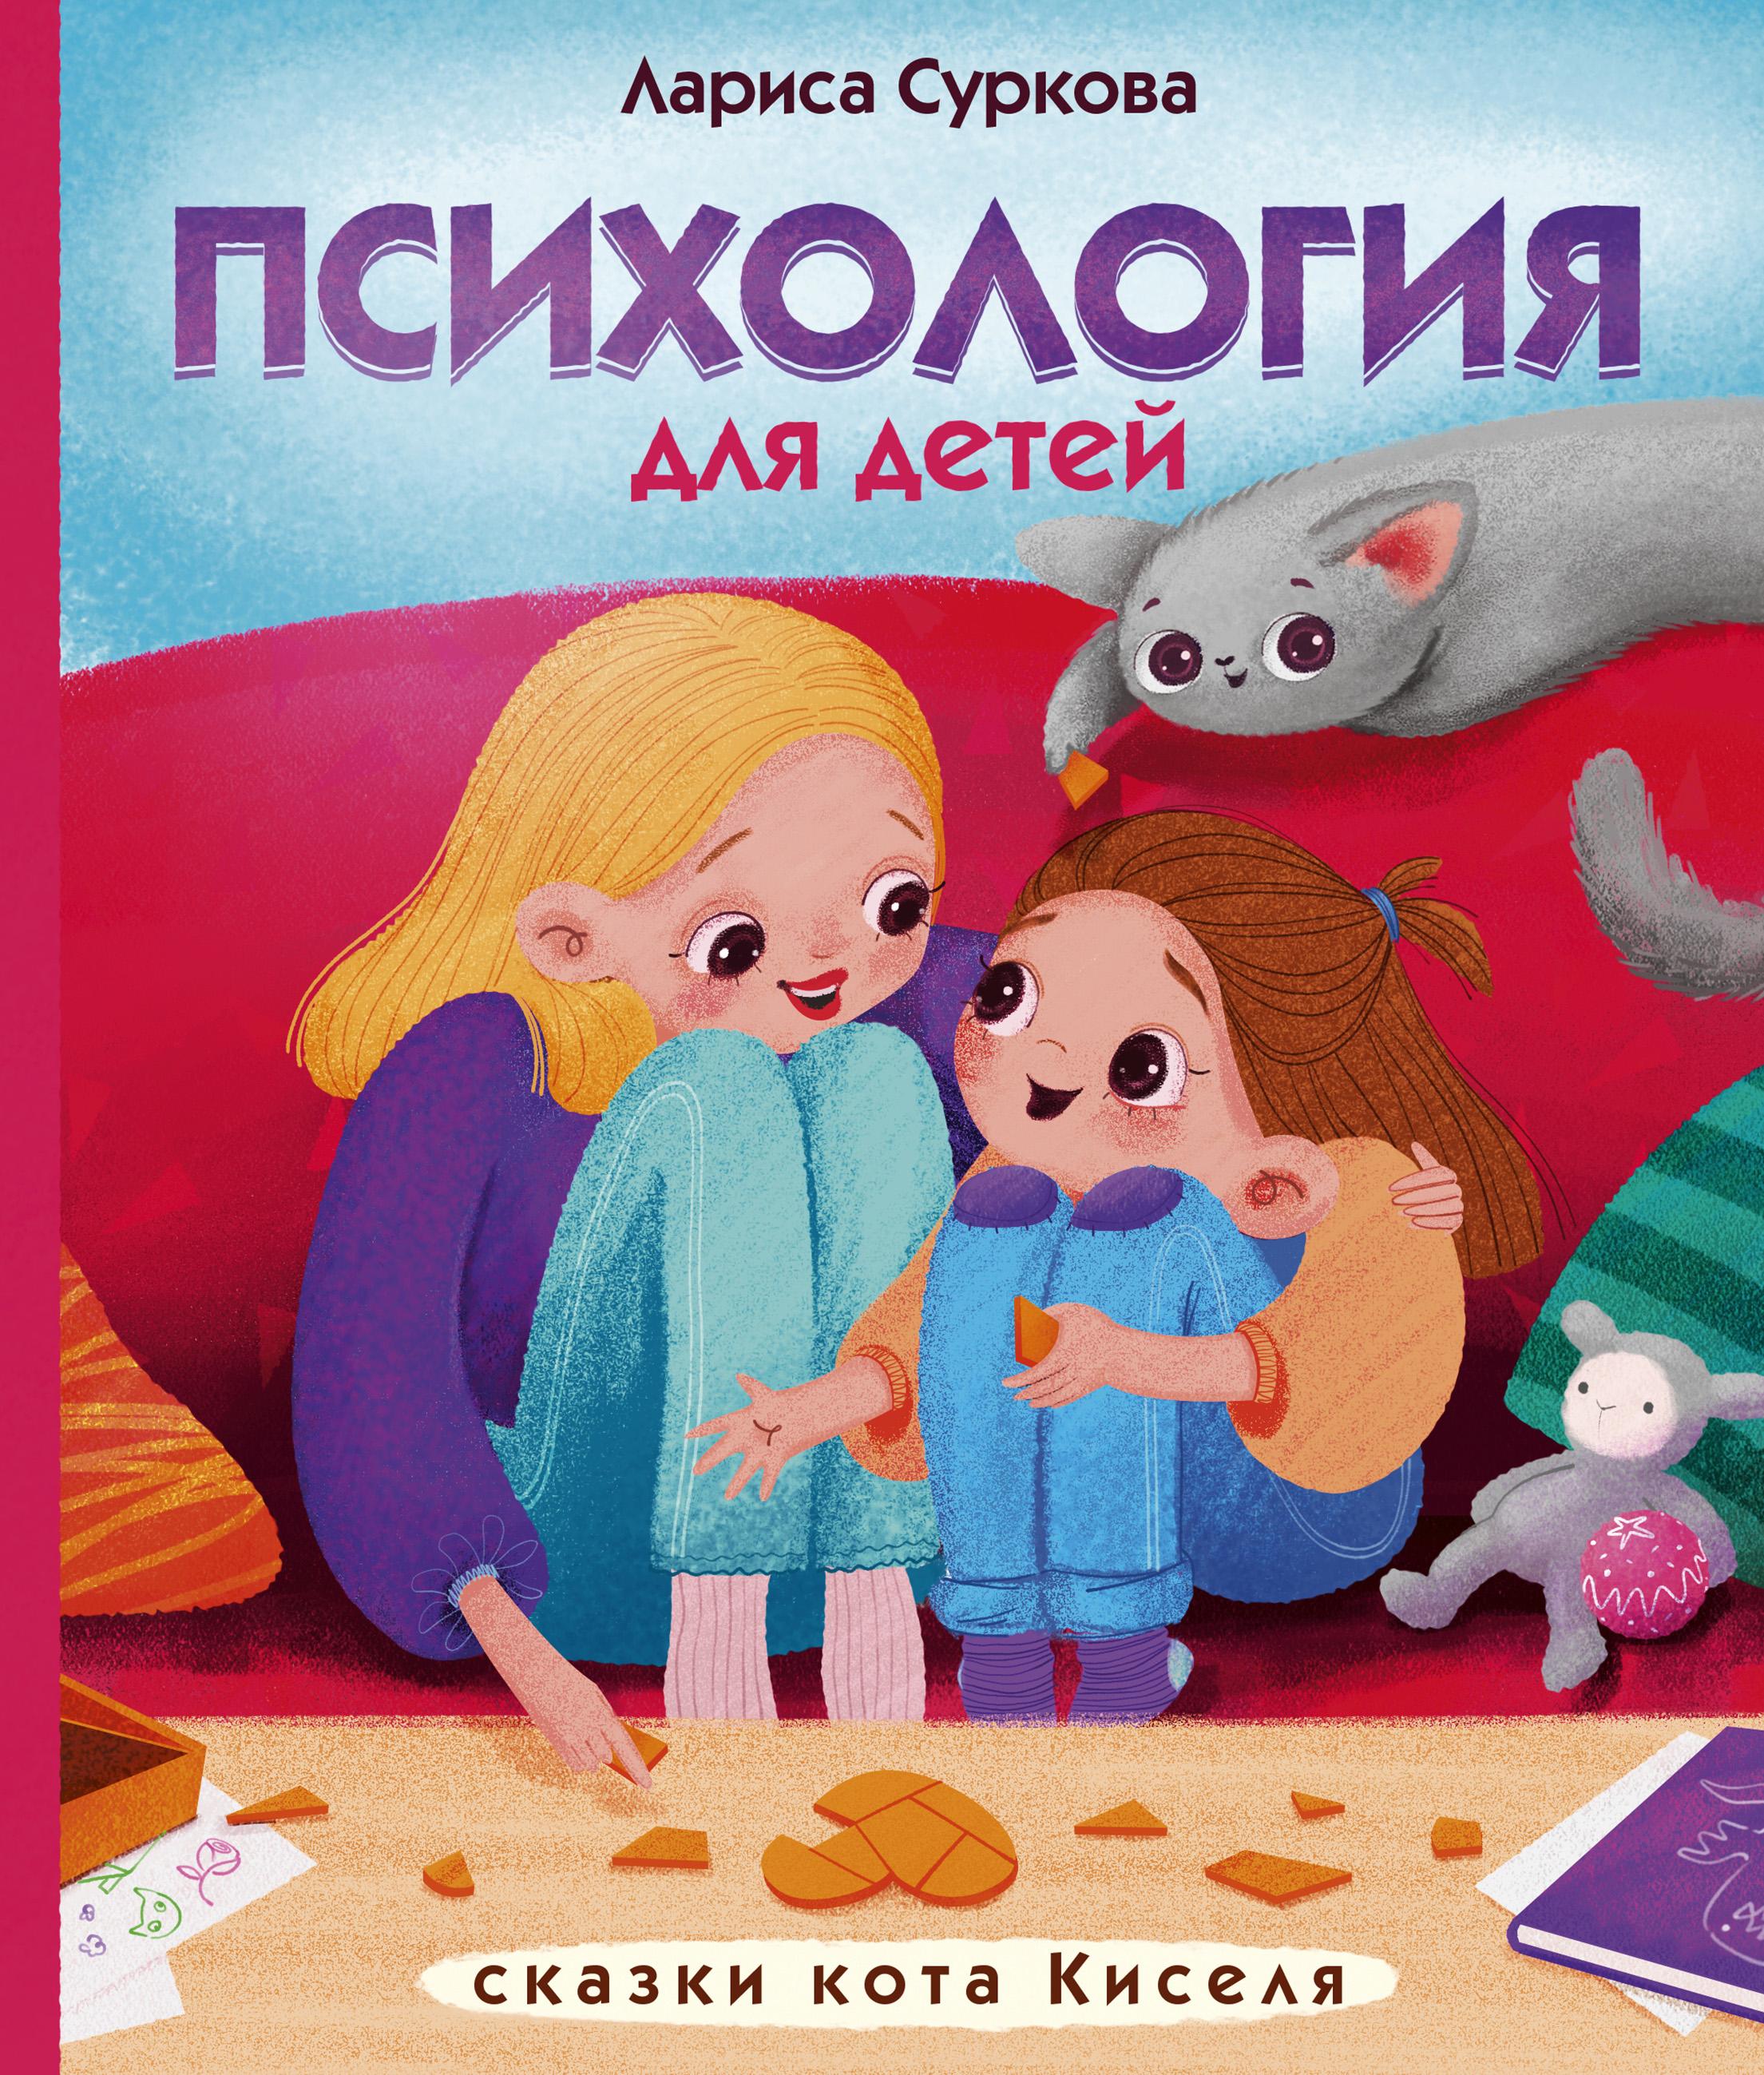 Купить книгу Психология для детей: сказки кота Киселя, автора Ларисы Сурковой